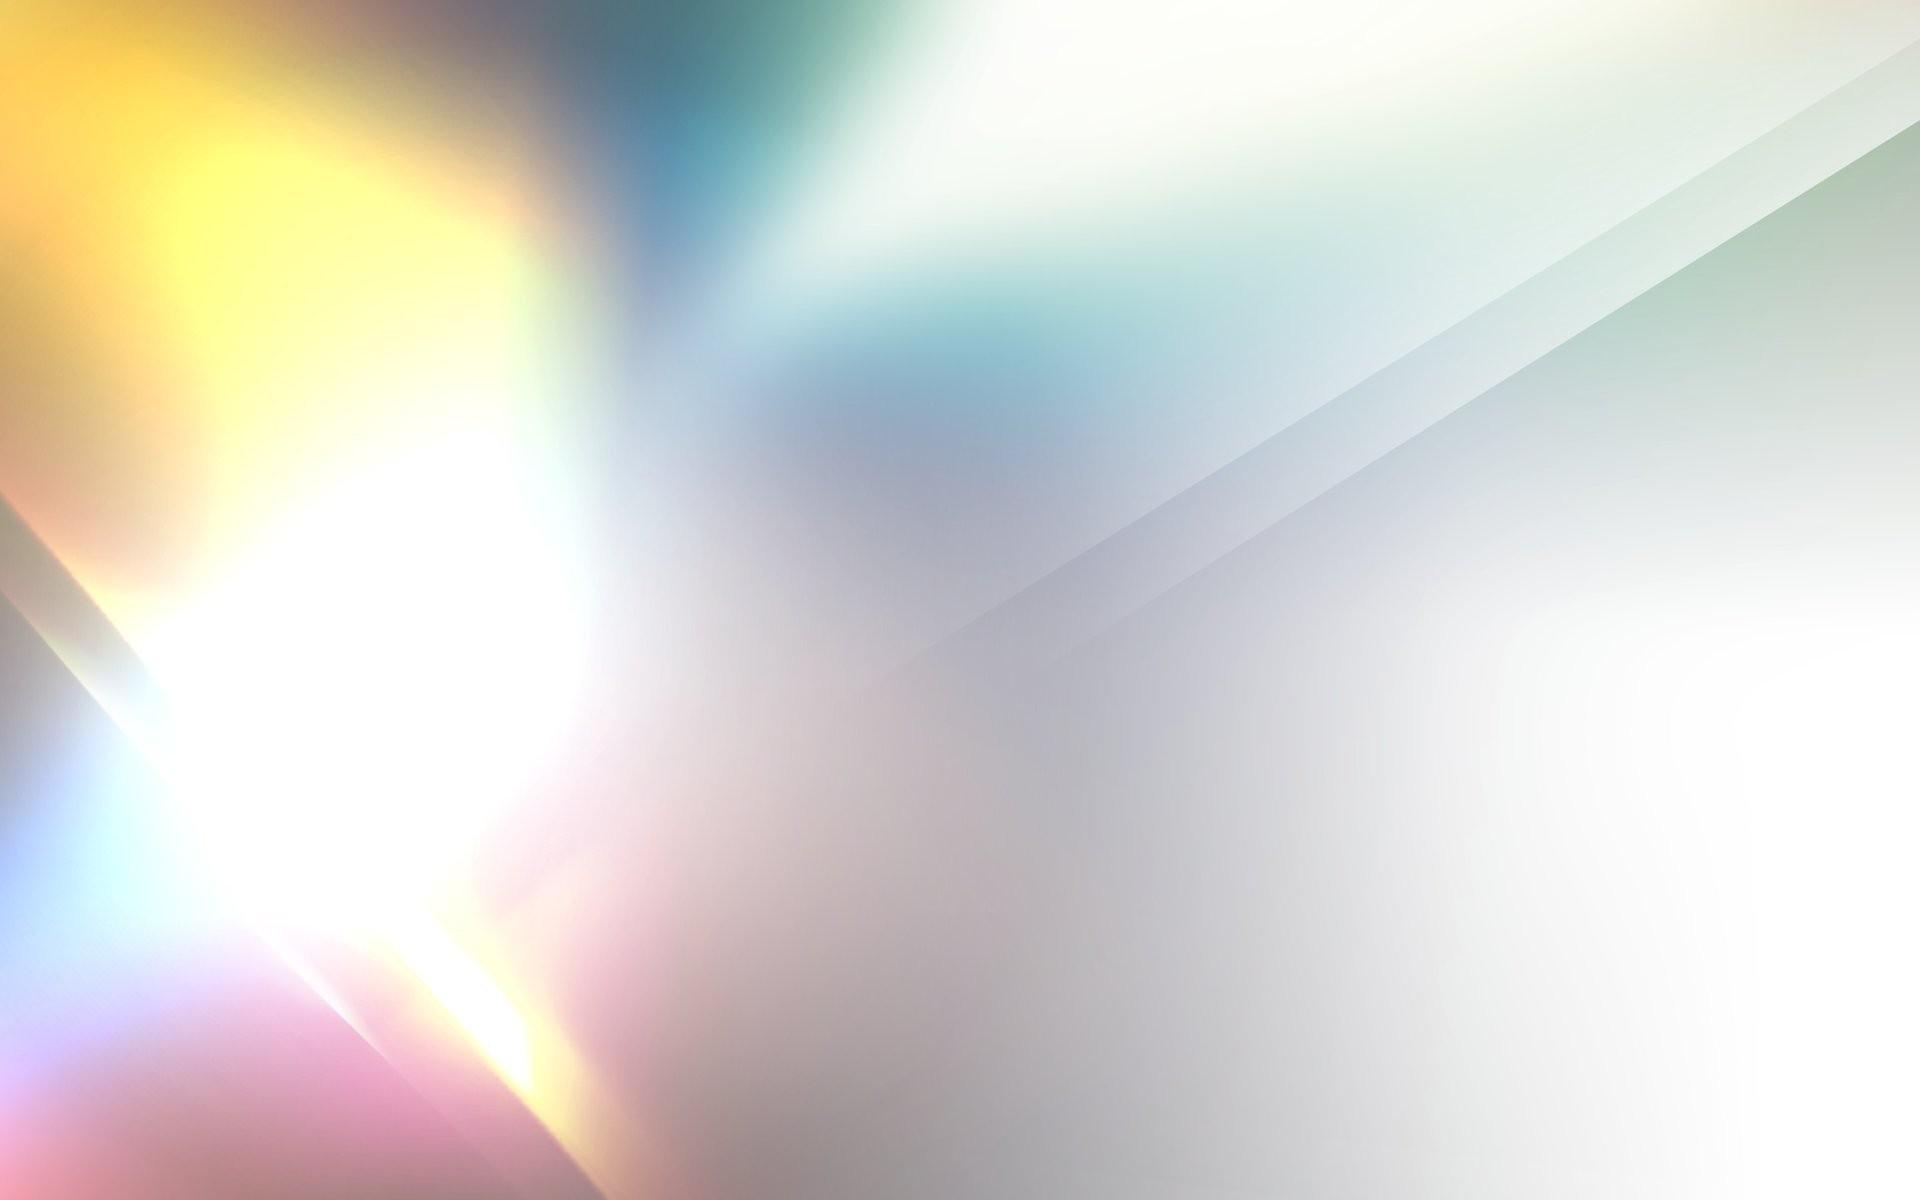 Картинки Тень, свет, блеск, блики фото и обои на рабочий стол